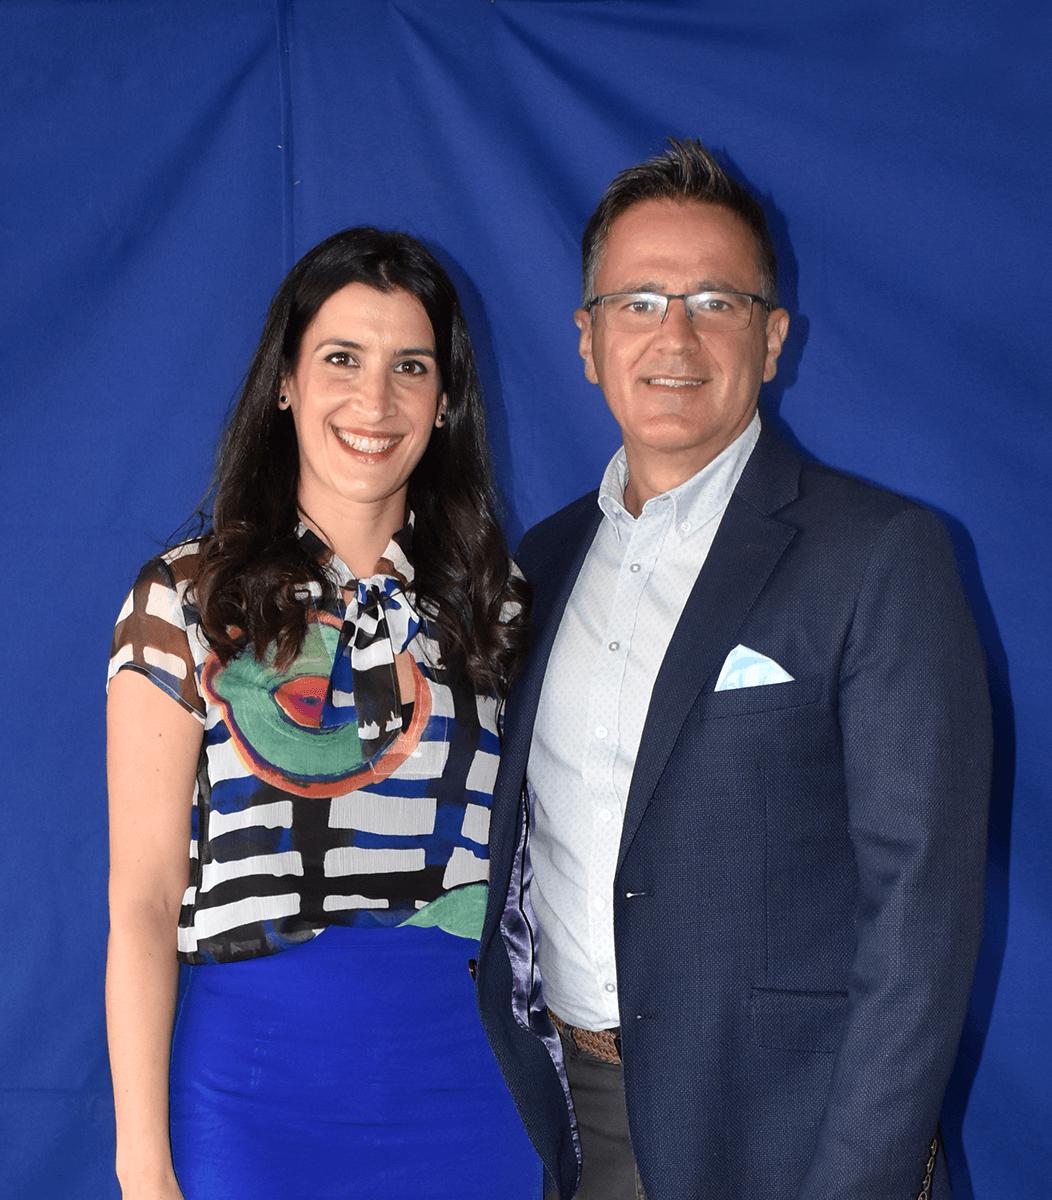 Francisco Pascual y Lorena Morquilla | Centro de Vida Cristiana